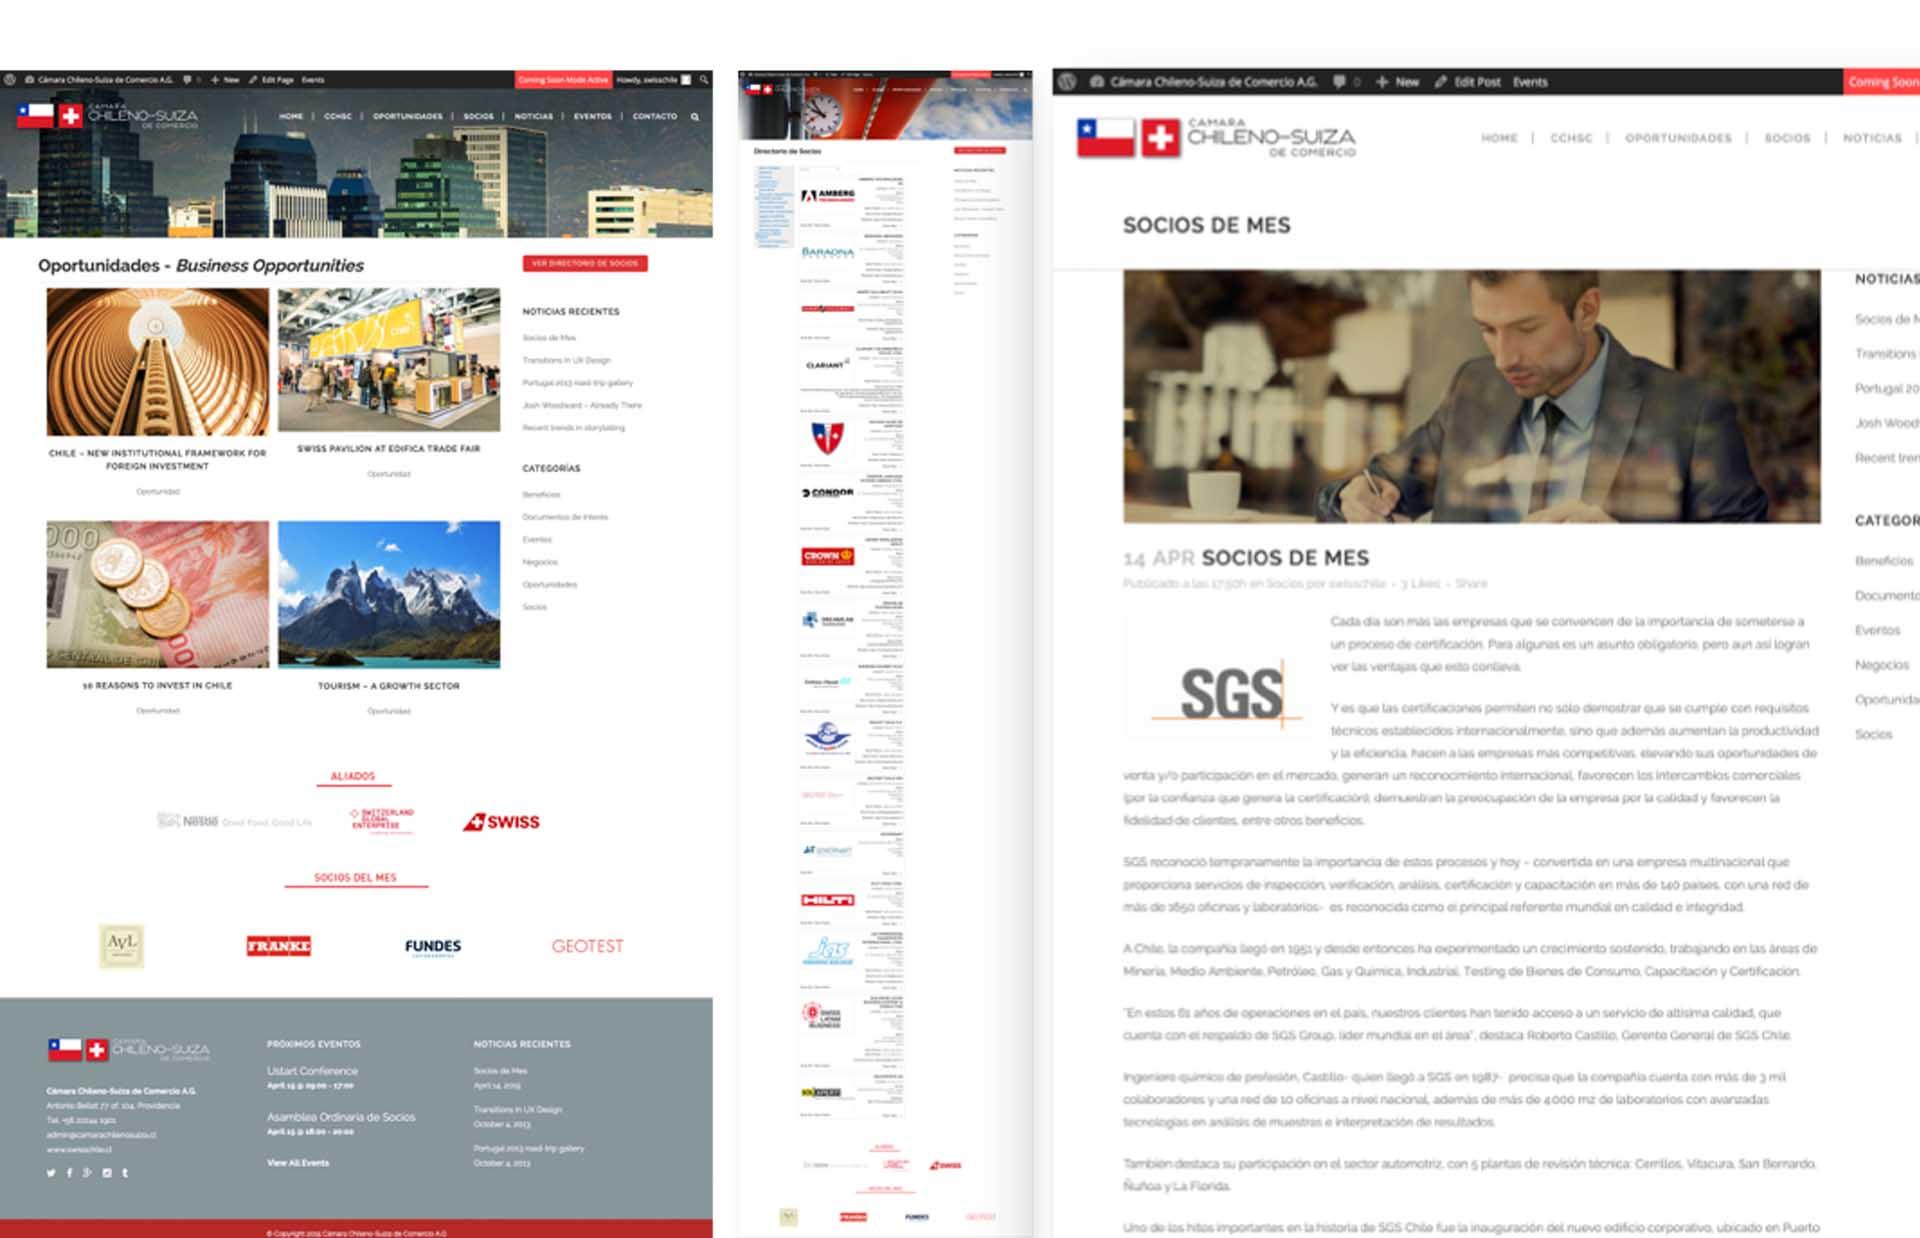 Cámara Chilena Suiza de Comercio: Diseño y administración de contenido web